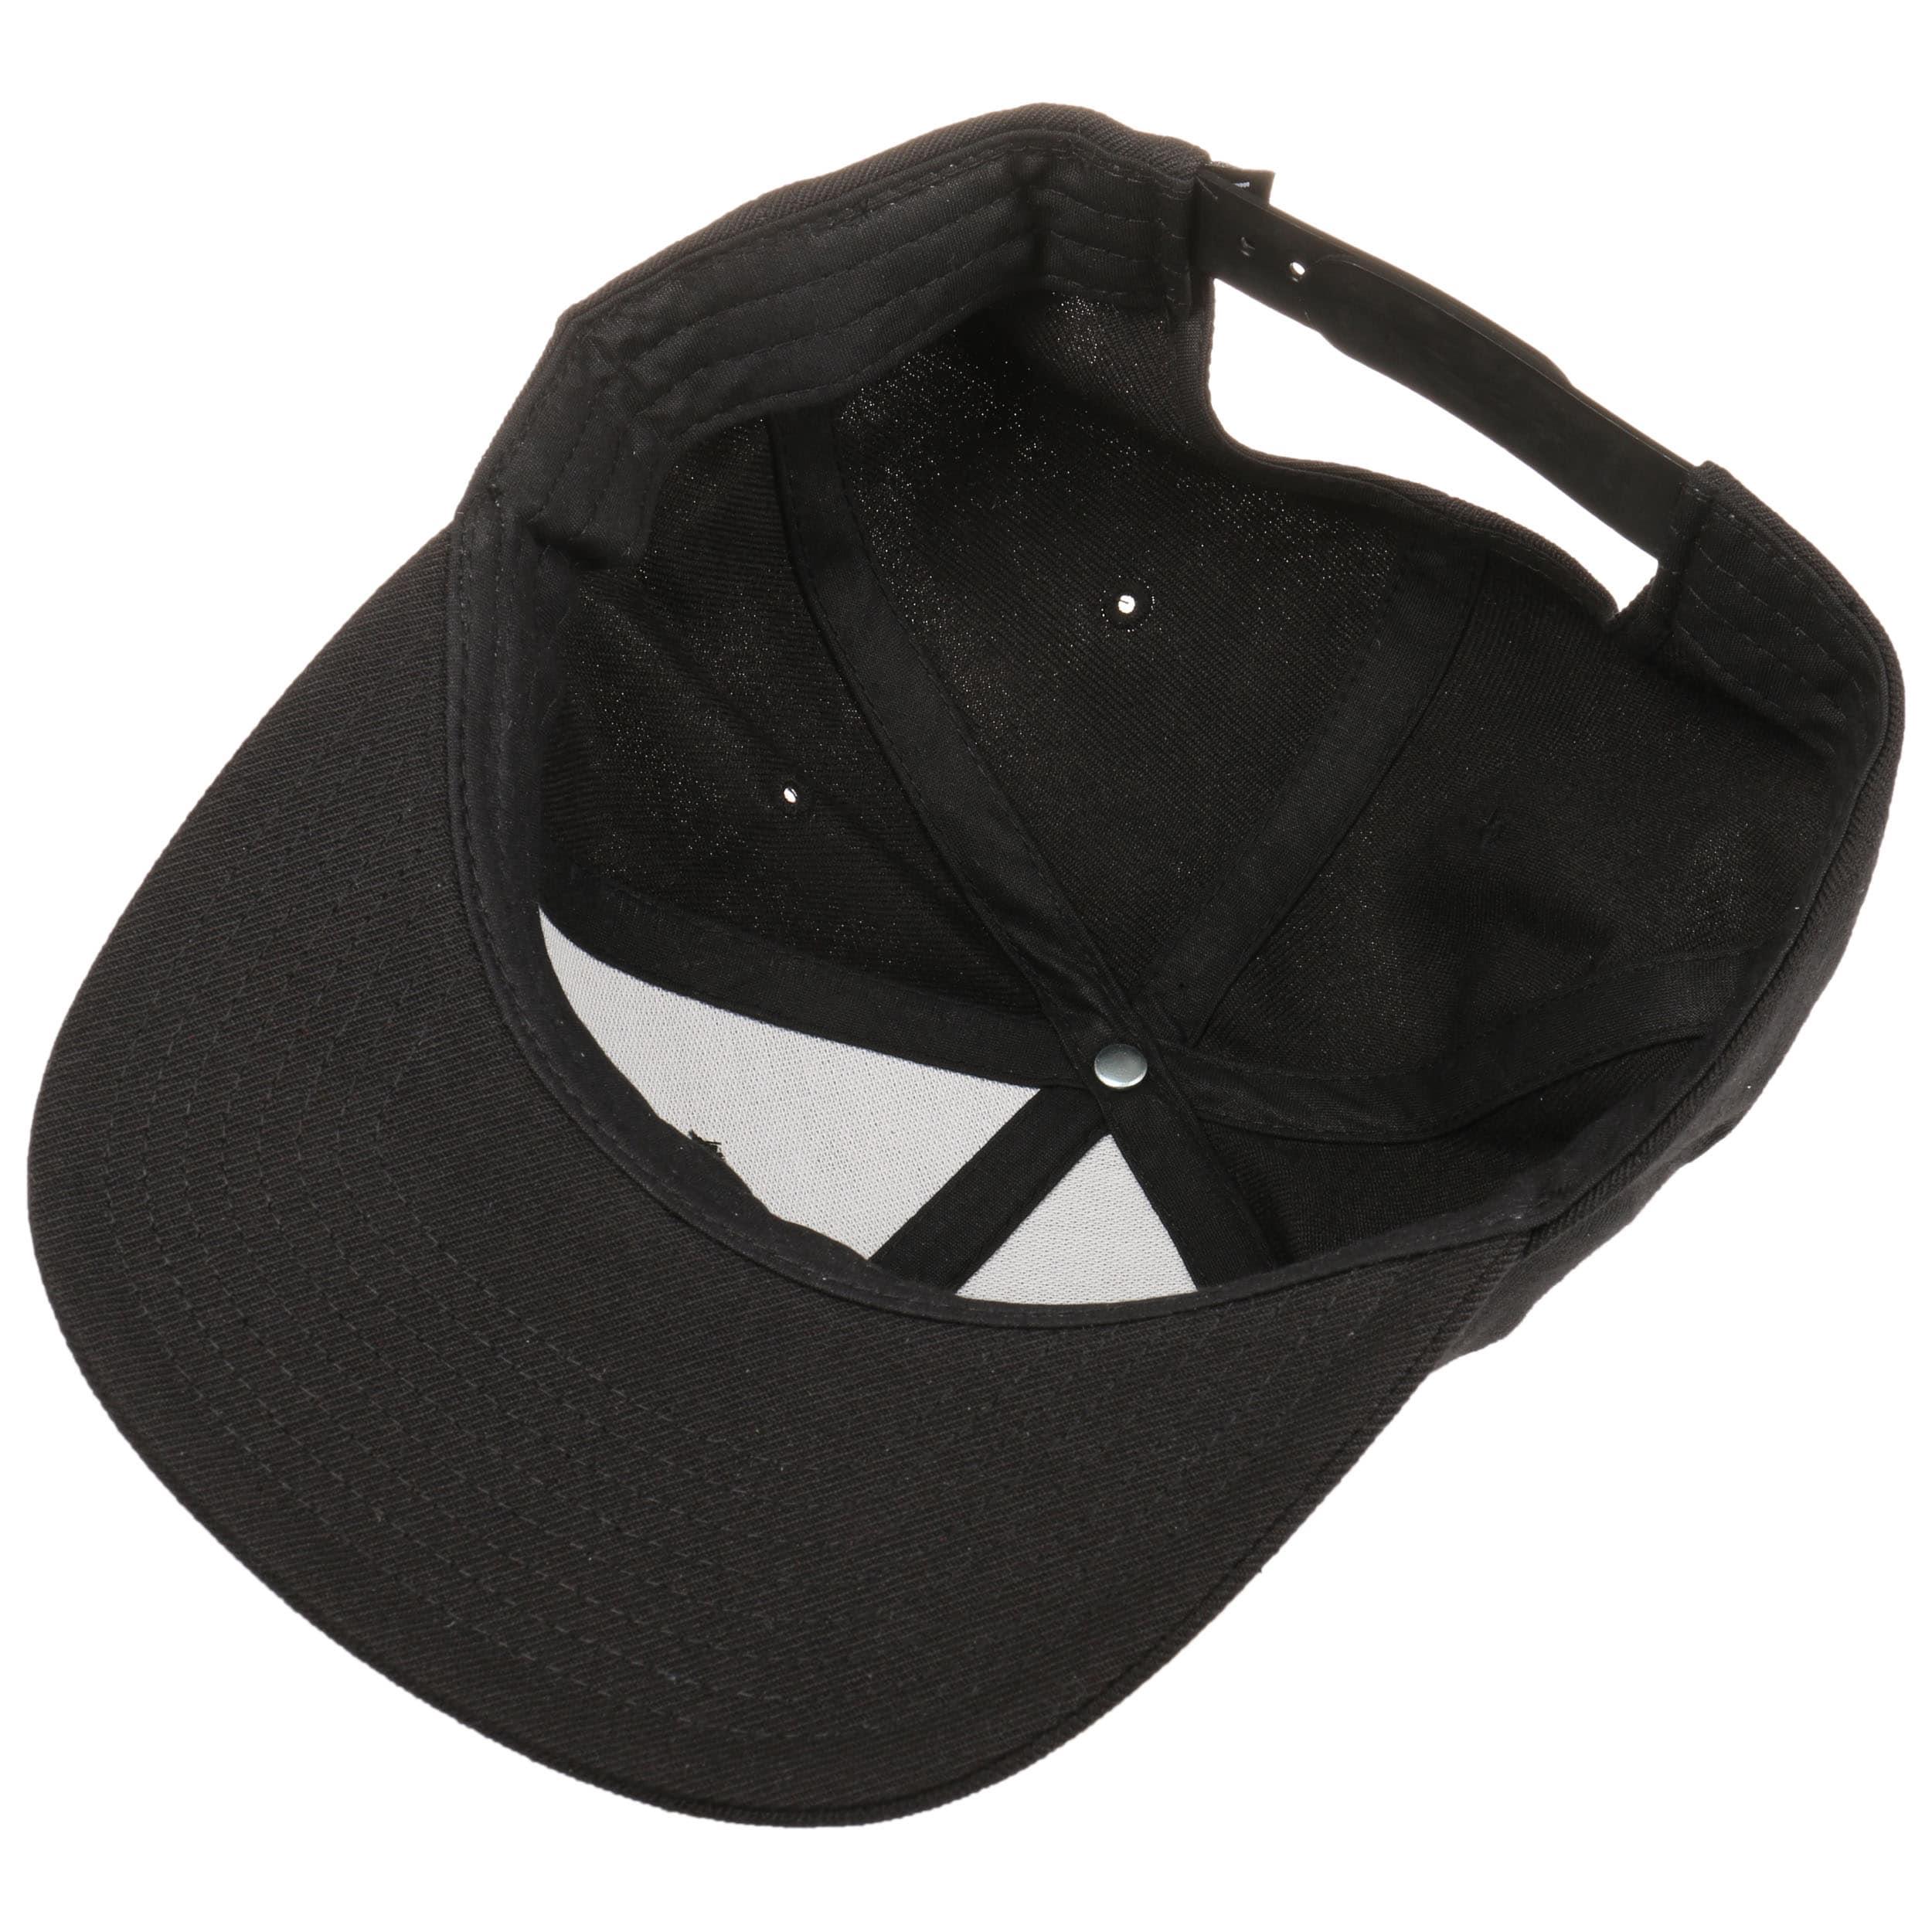 d6063478eb8 ... Drop V II Snapback Cap by Vans - black 2 ...